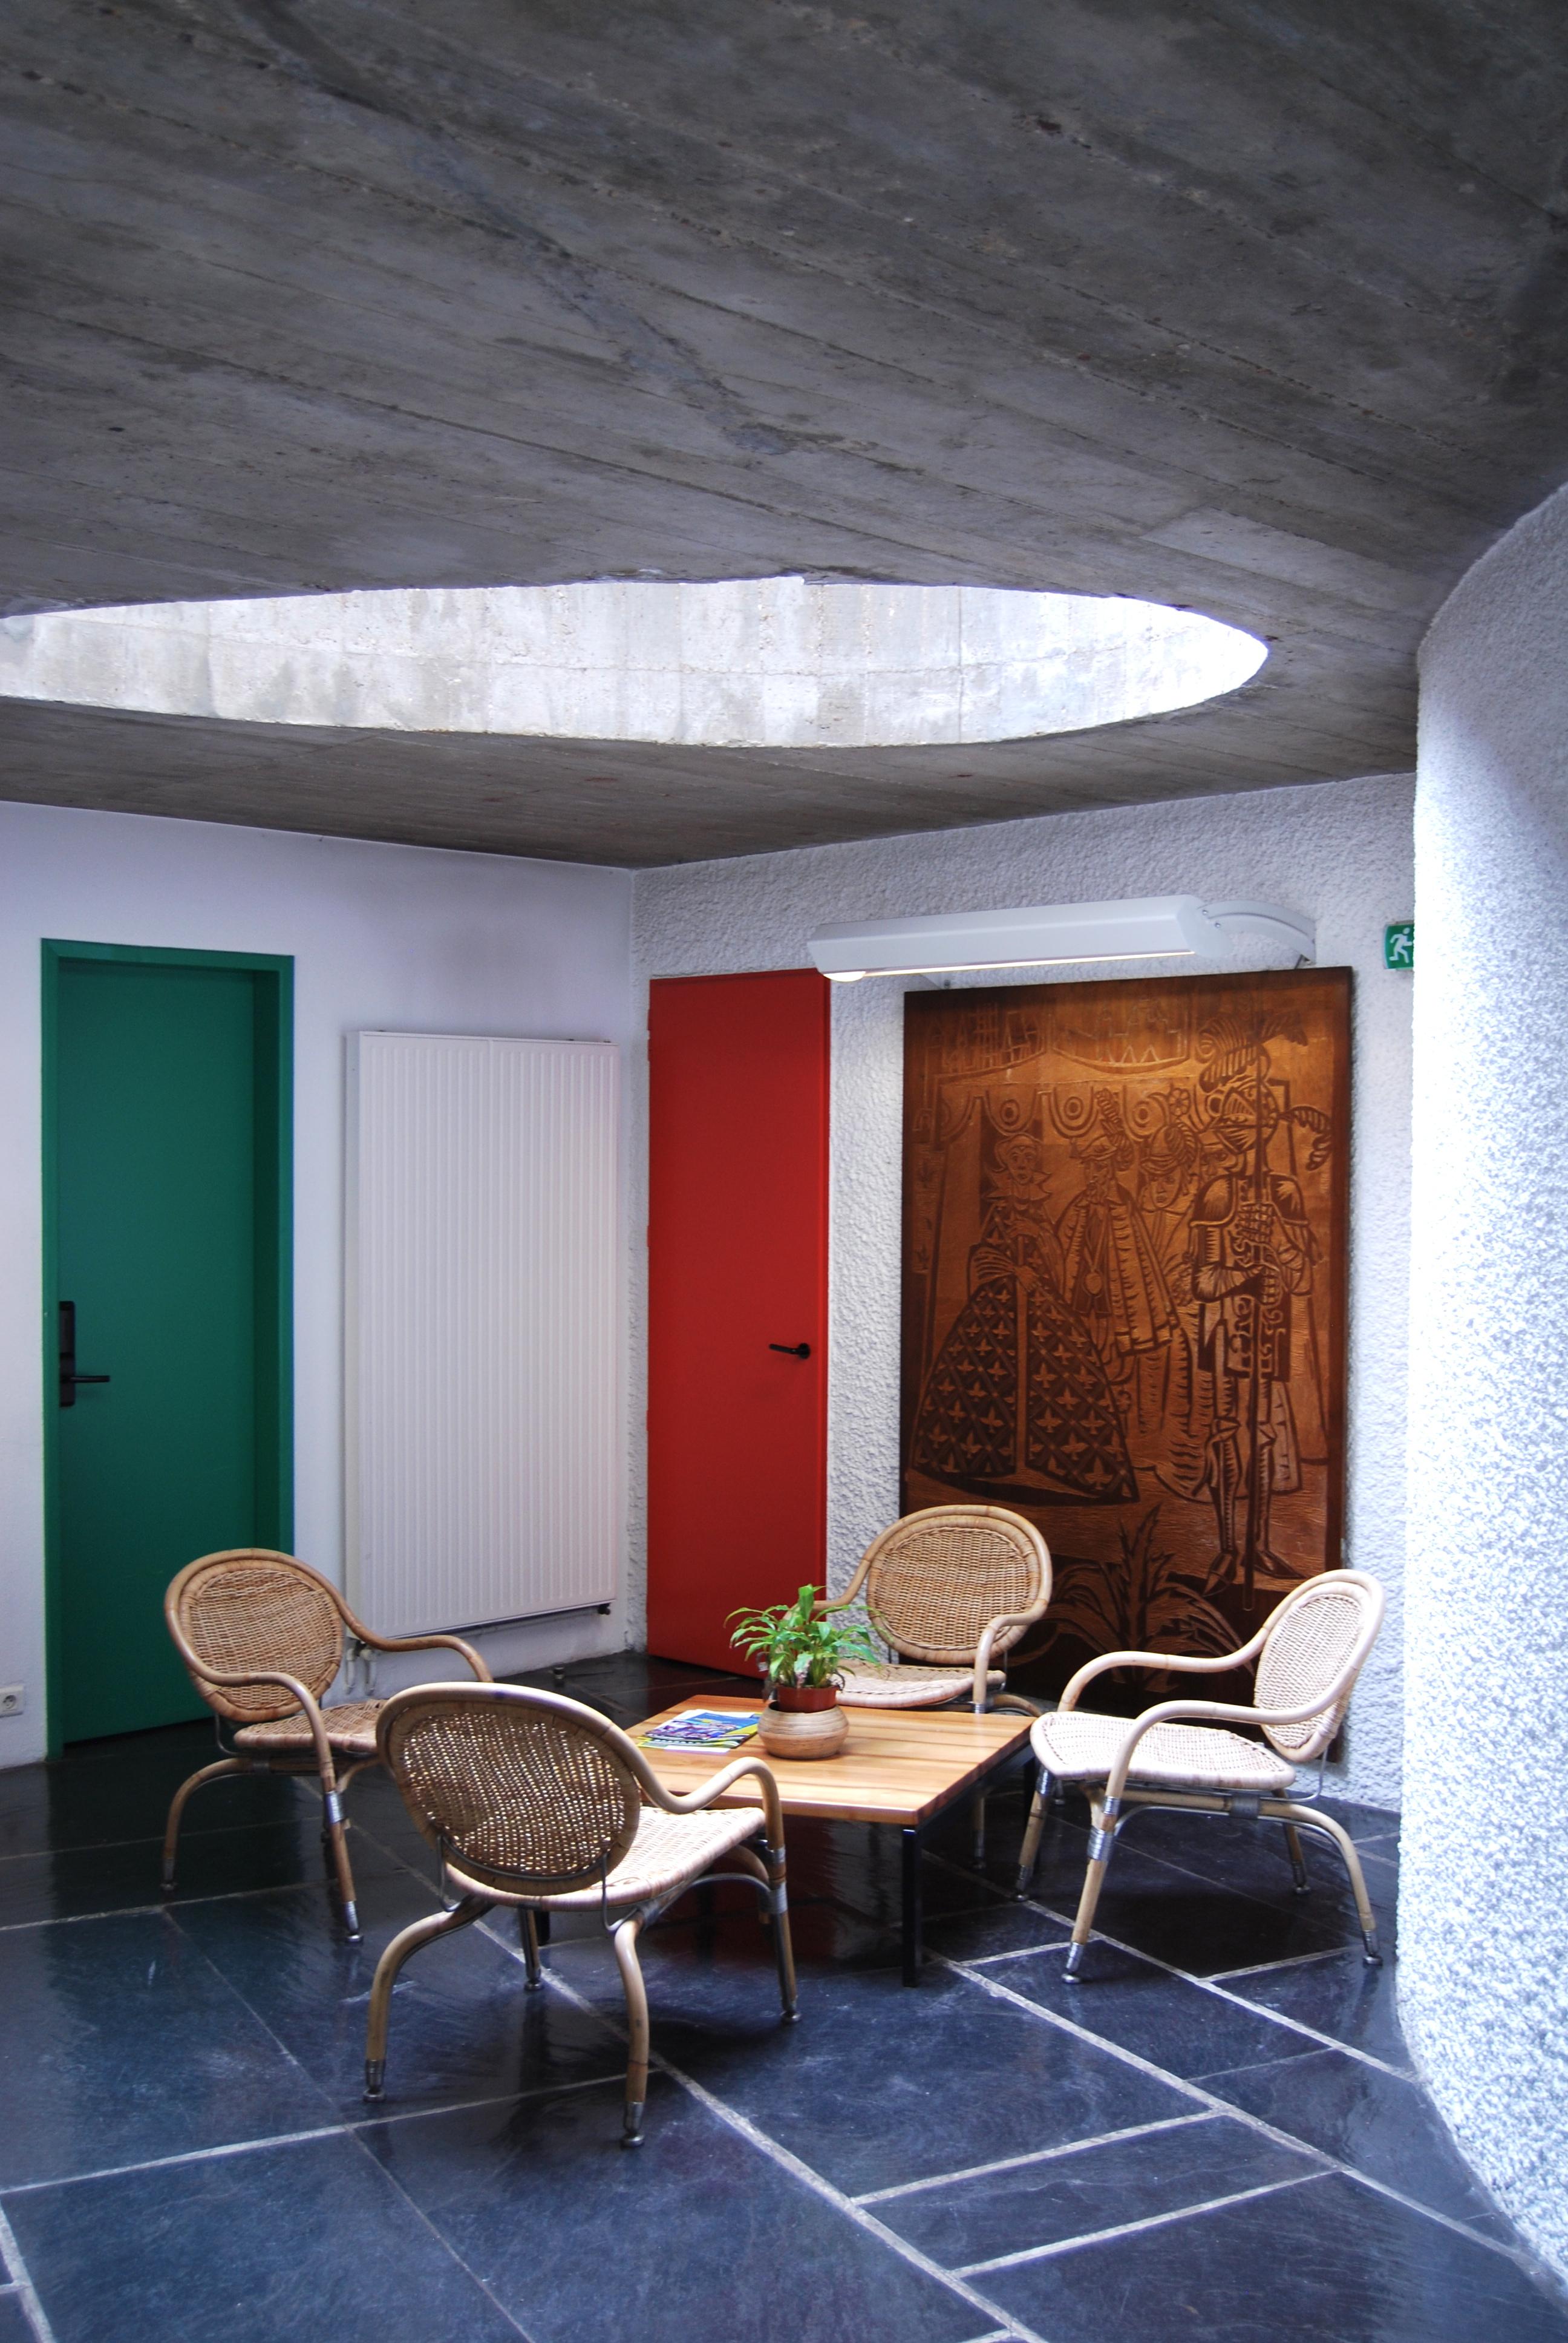 Maison du brasil paris by le corbusier cate st hill - Maison du bresil paris ...